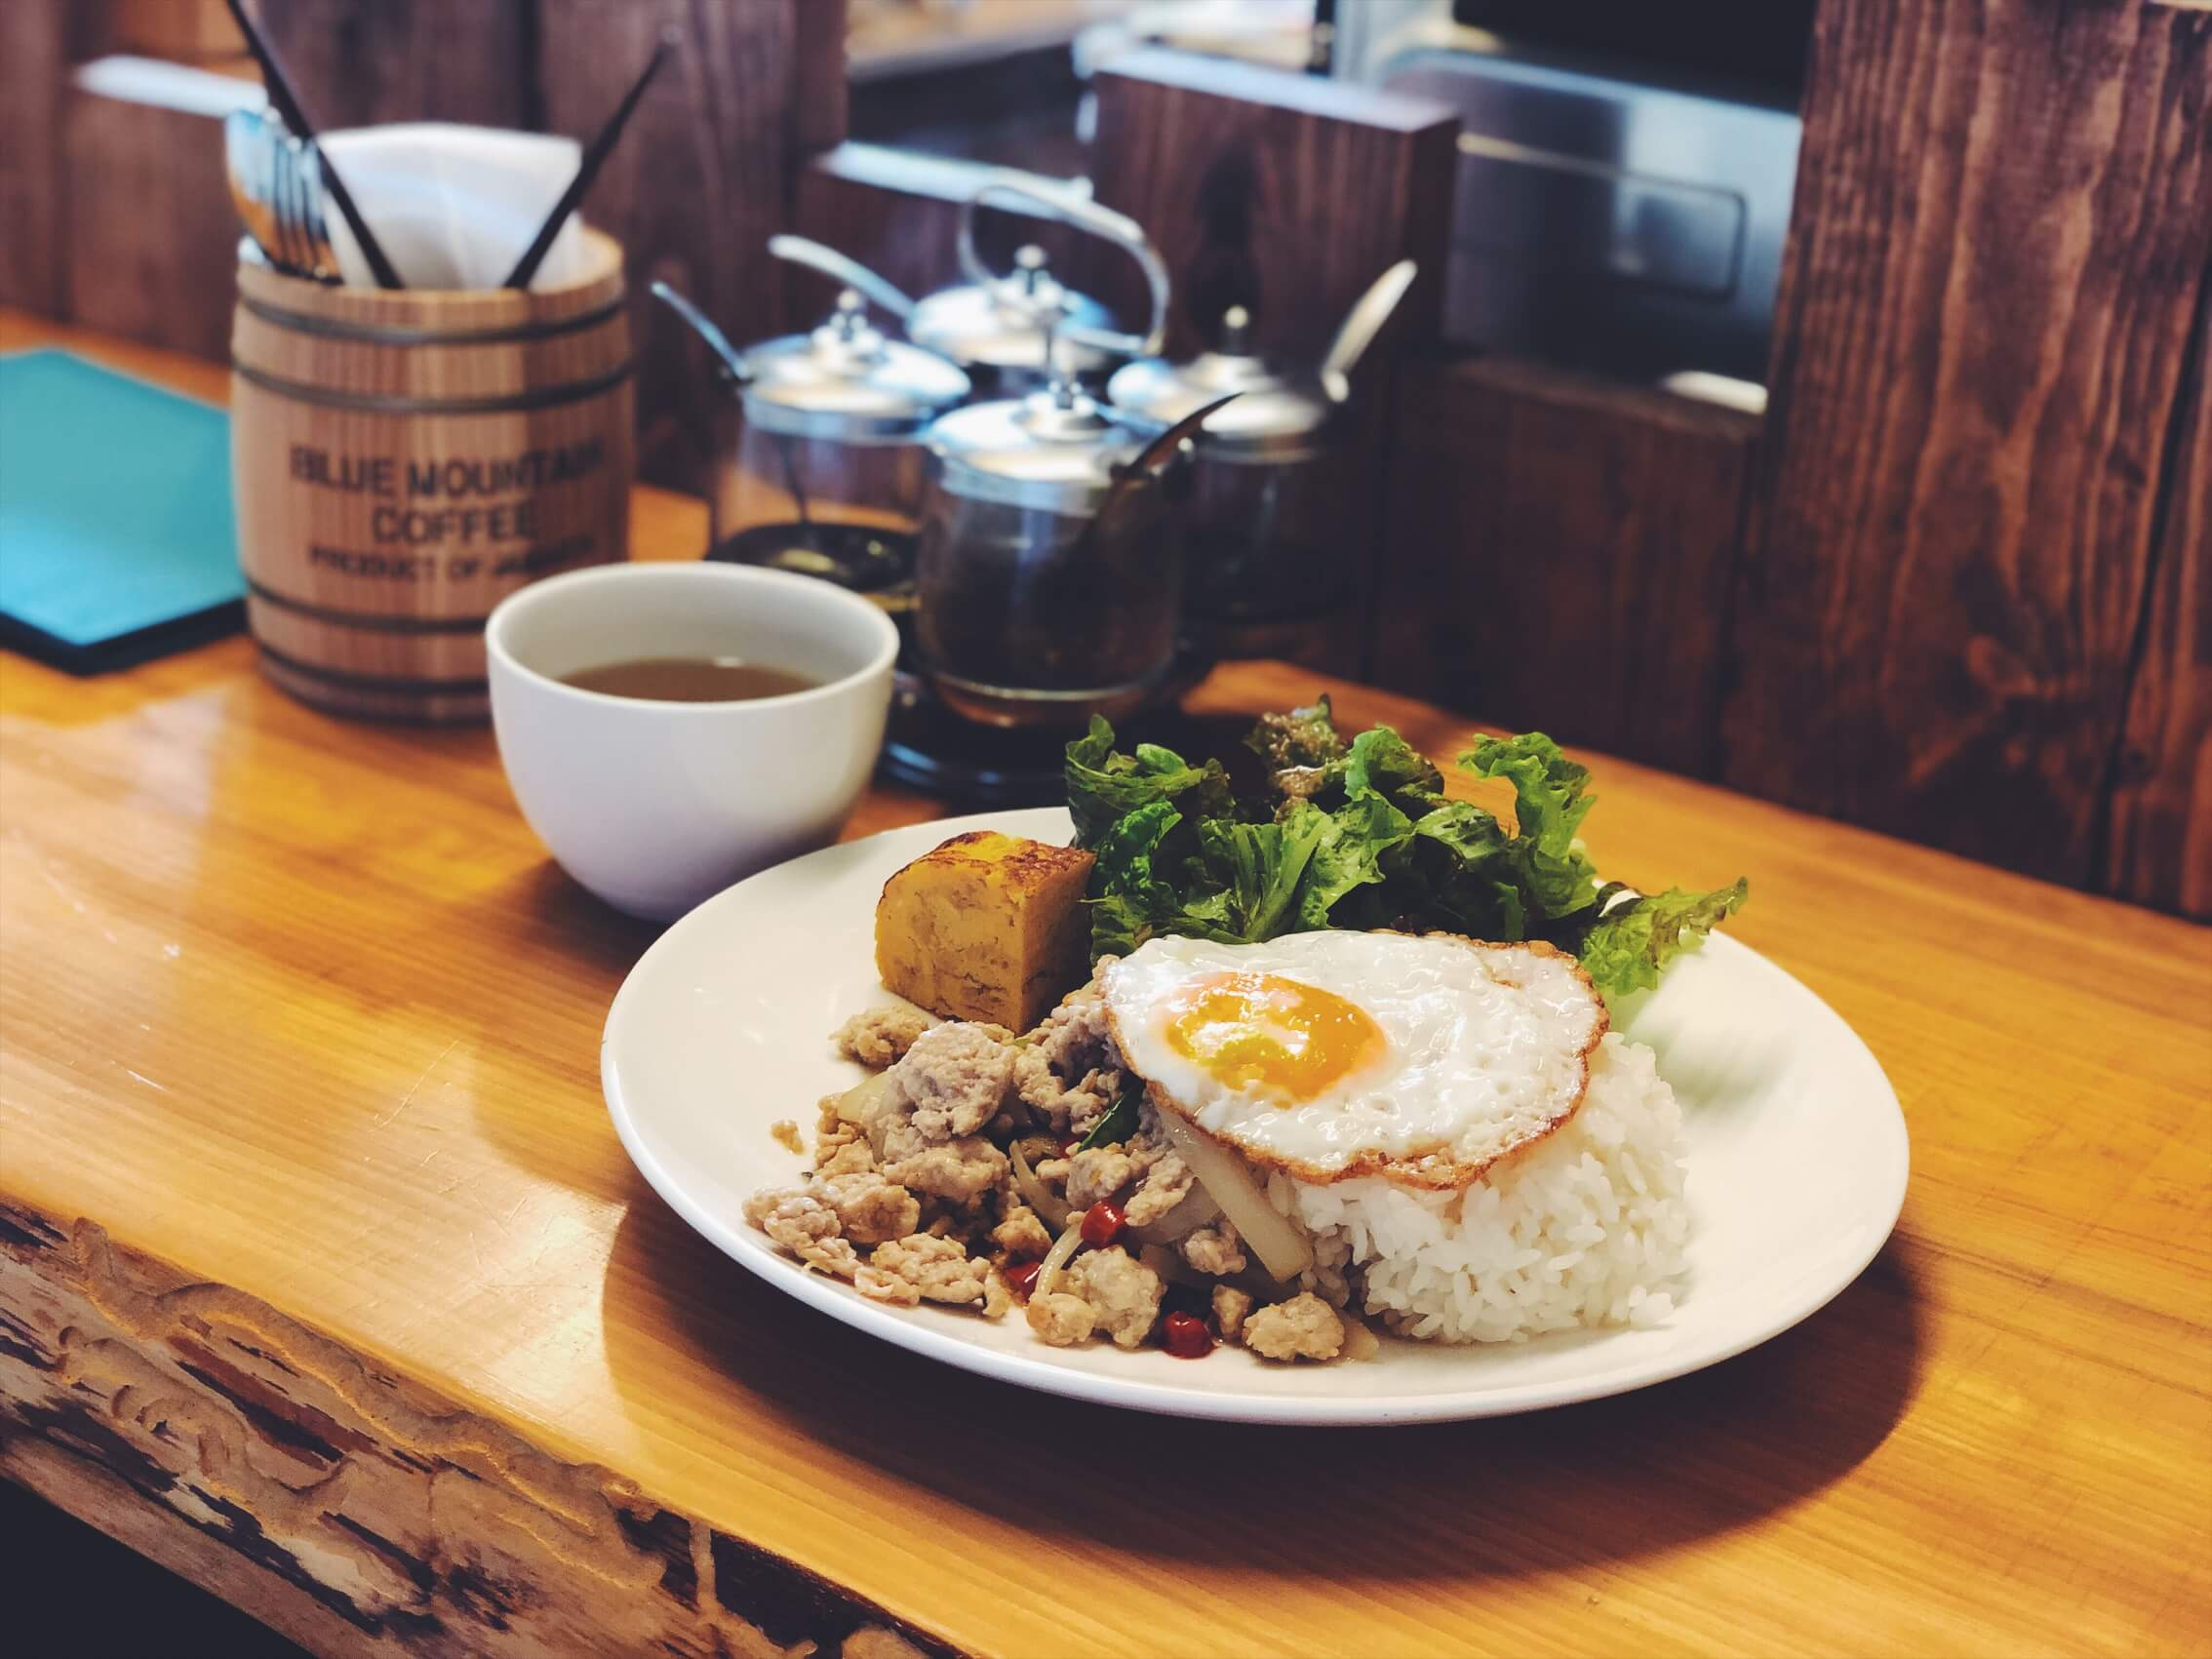 【南伊豆】ついつい長居しちゃう!ガパオとチャイが美味しいカフェ「らいおんキッチン」